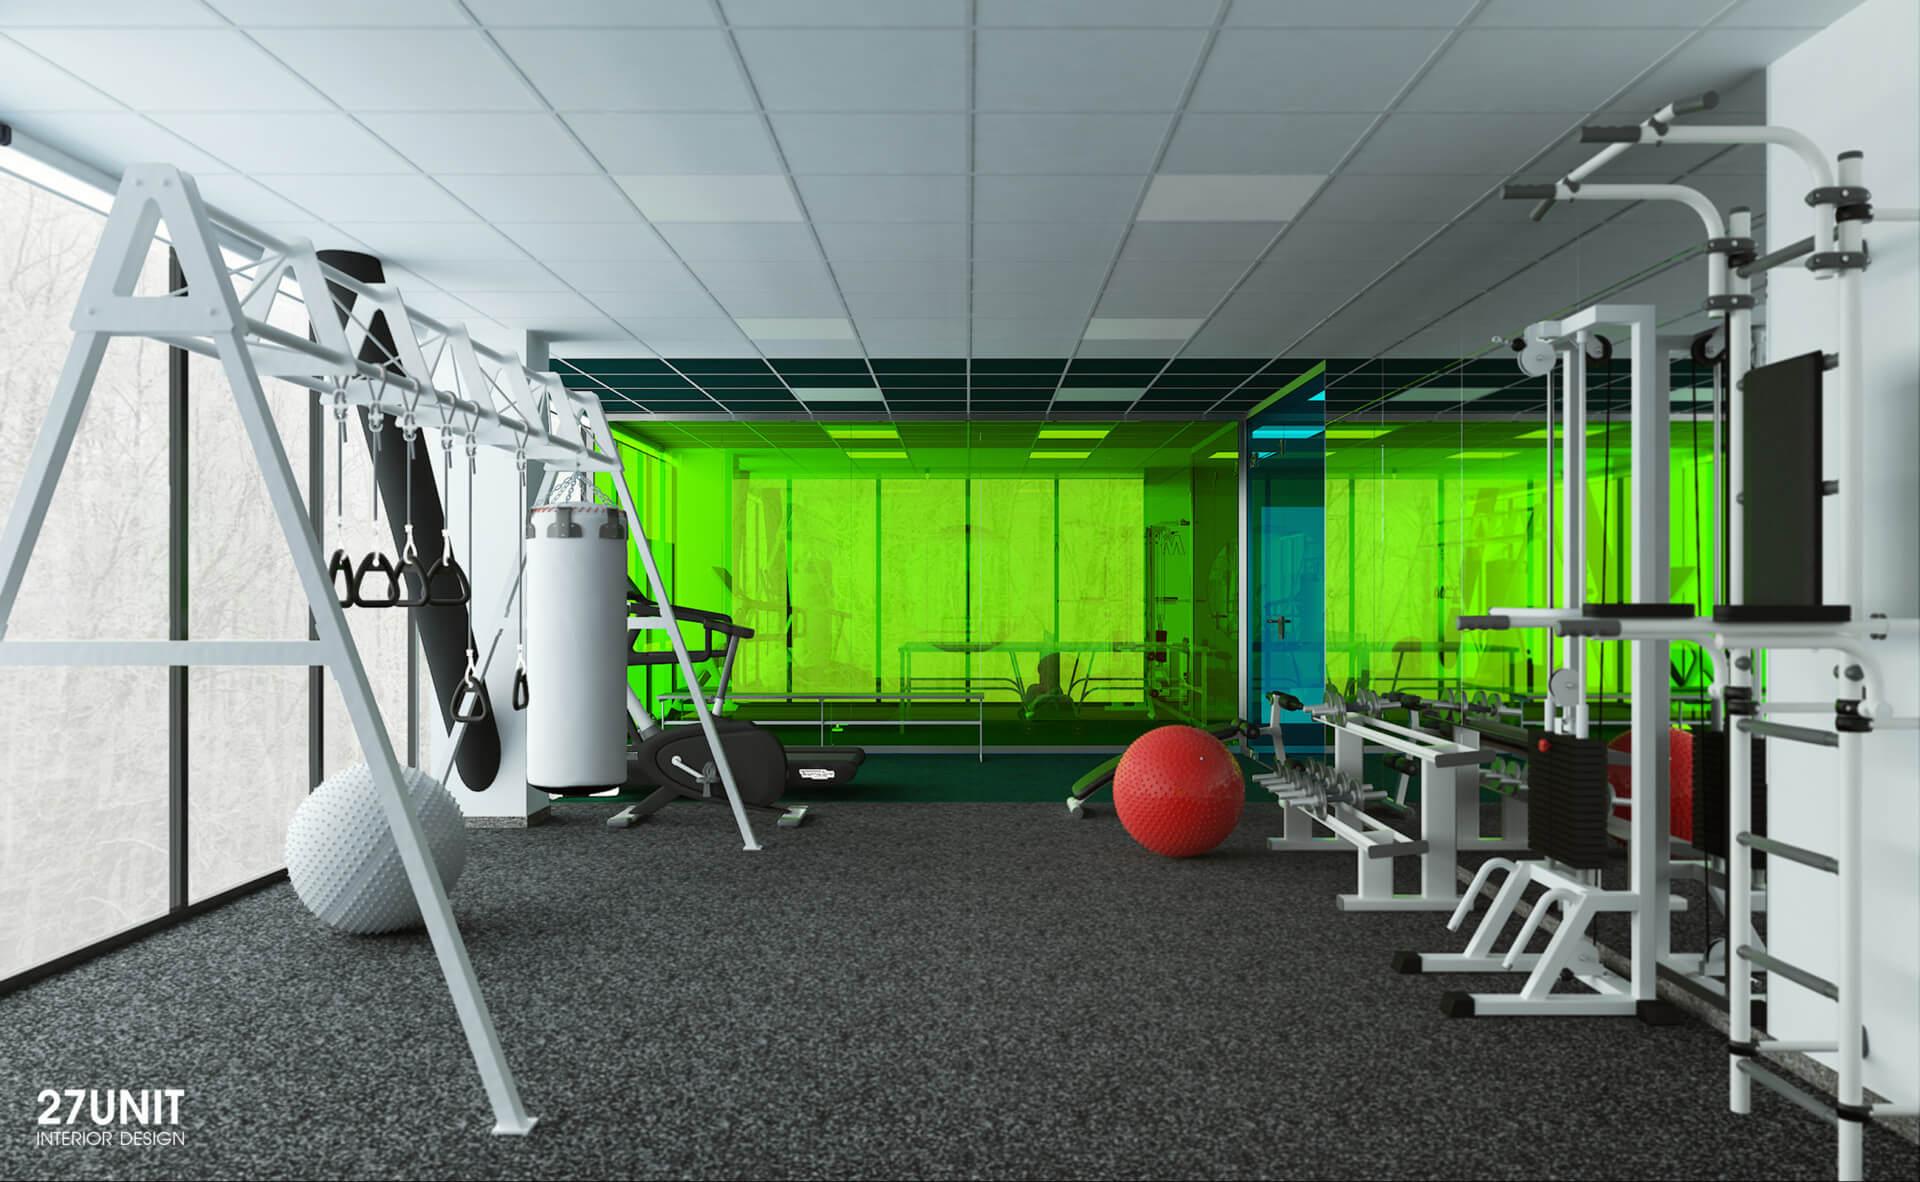 Дизайн интерьера проект яши7 спортзал офисы Украина